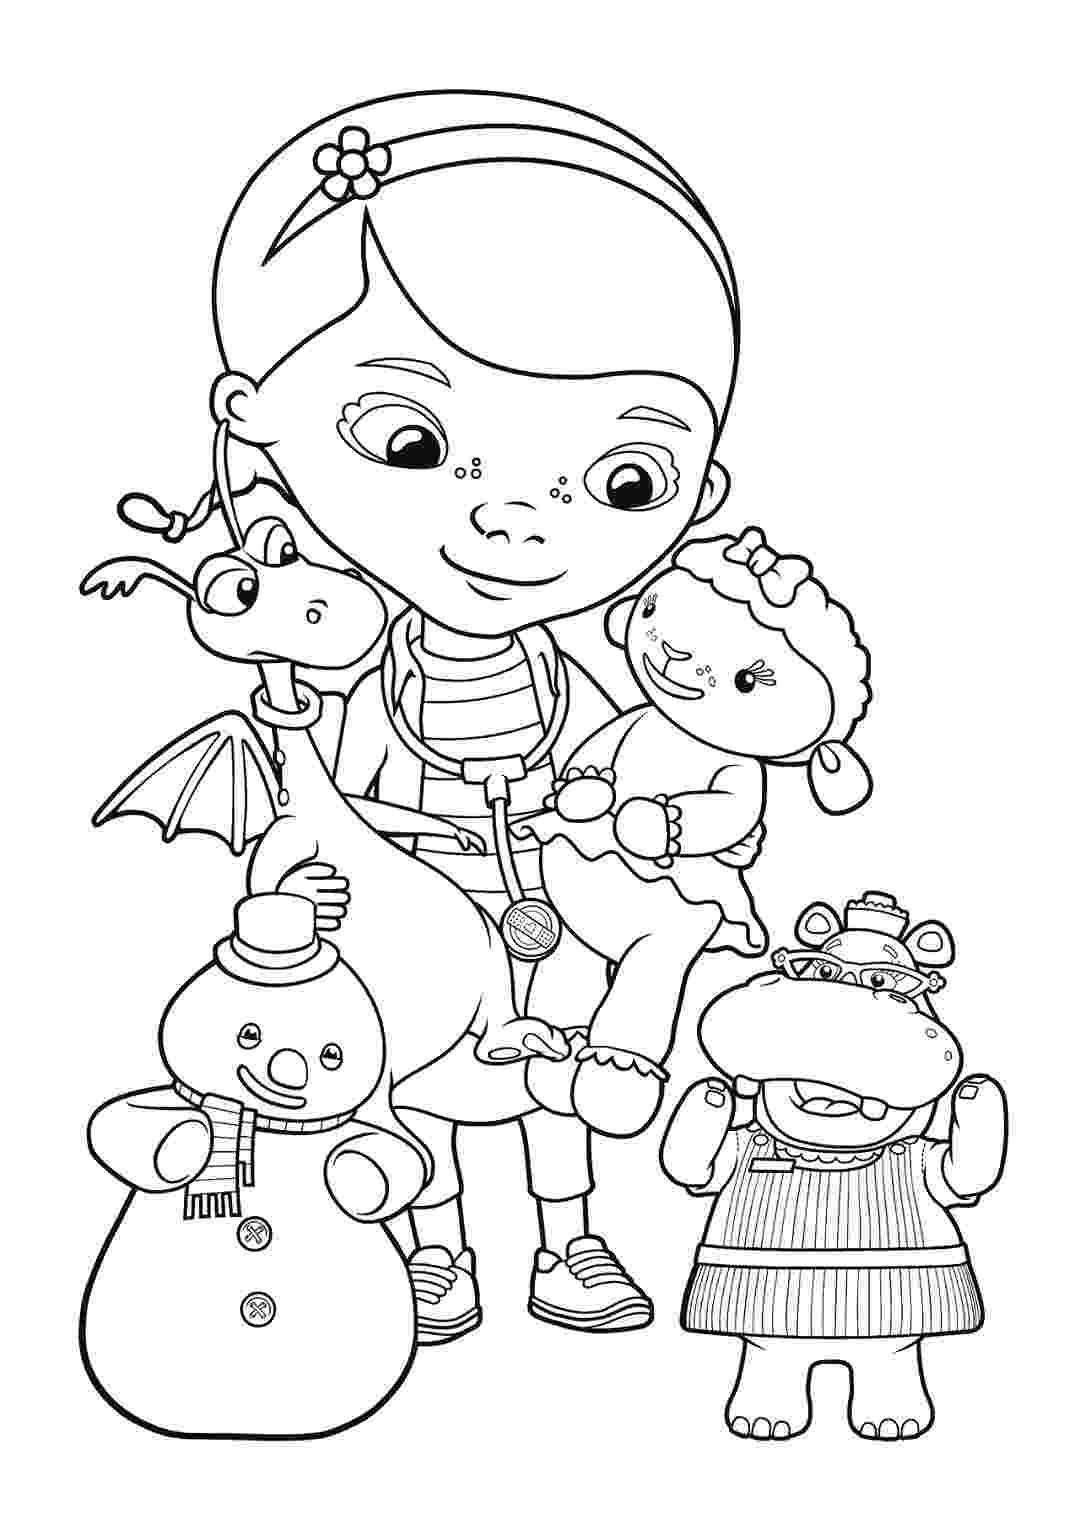 doc mcstuffins printable coloring pages doc mcstuffins coloring pages to download and print for free doc coloring printable pages mcstuffins